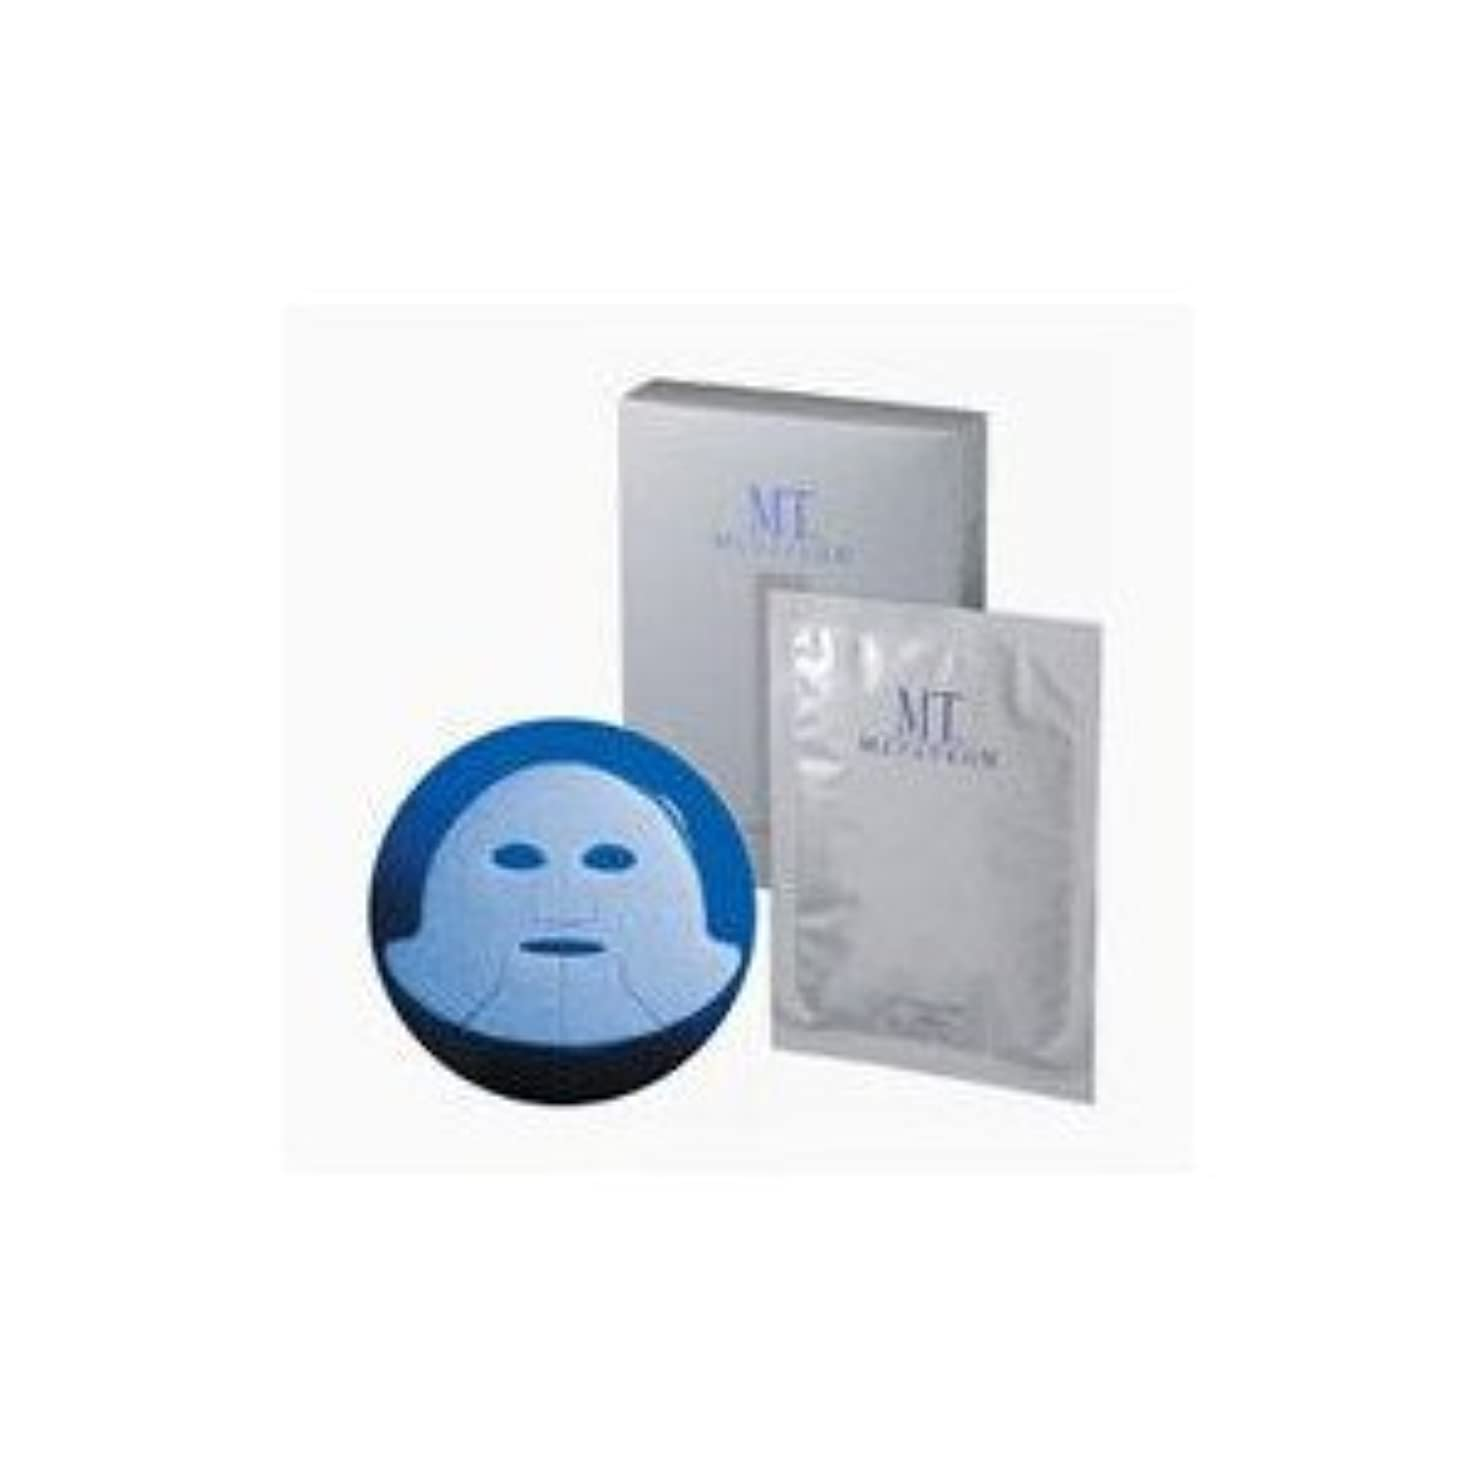 MTメタトロン MT コントア マスク 6枚入り アウトレット